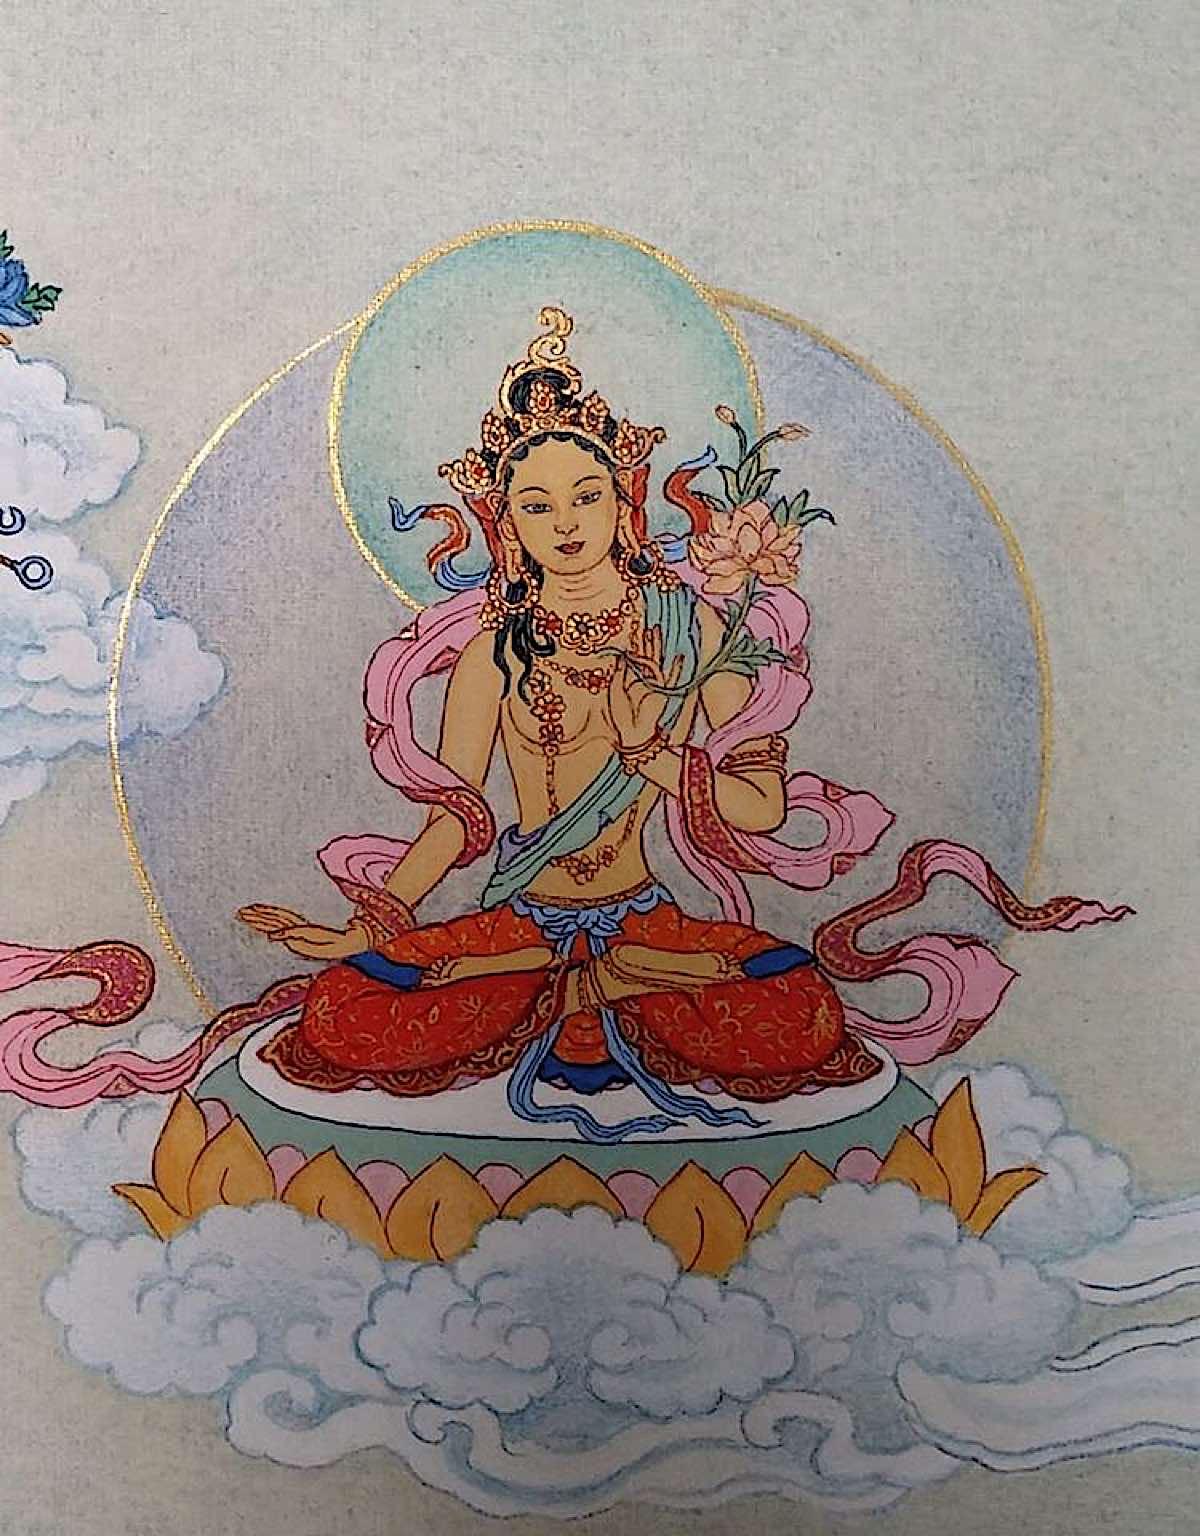 Buddha Weekly 5 Tara Proclaimin the Sound HUM Hum Svara Nadini Tara 21 Taras Thankha by Angeli Lhadripa Shkonda Buddhism